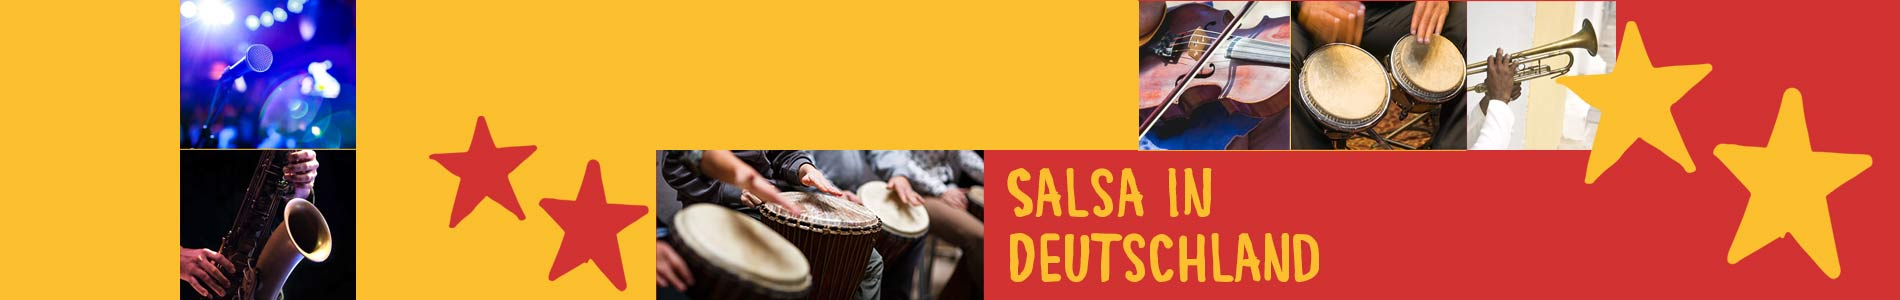 Salsa in Breitenfelde – Salsa lernen und tanzen, Tanzkurse, Partys, Veranstaltungen